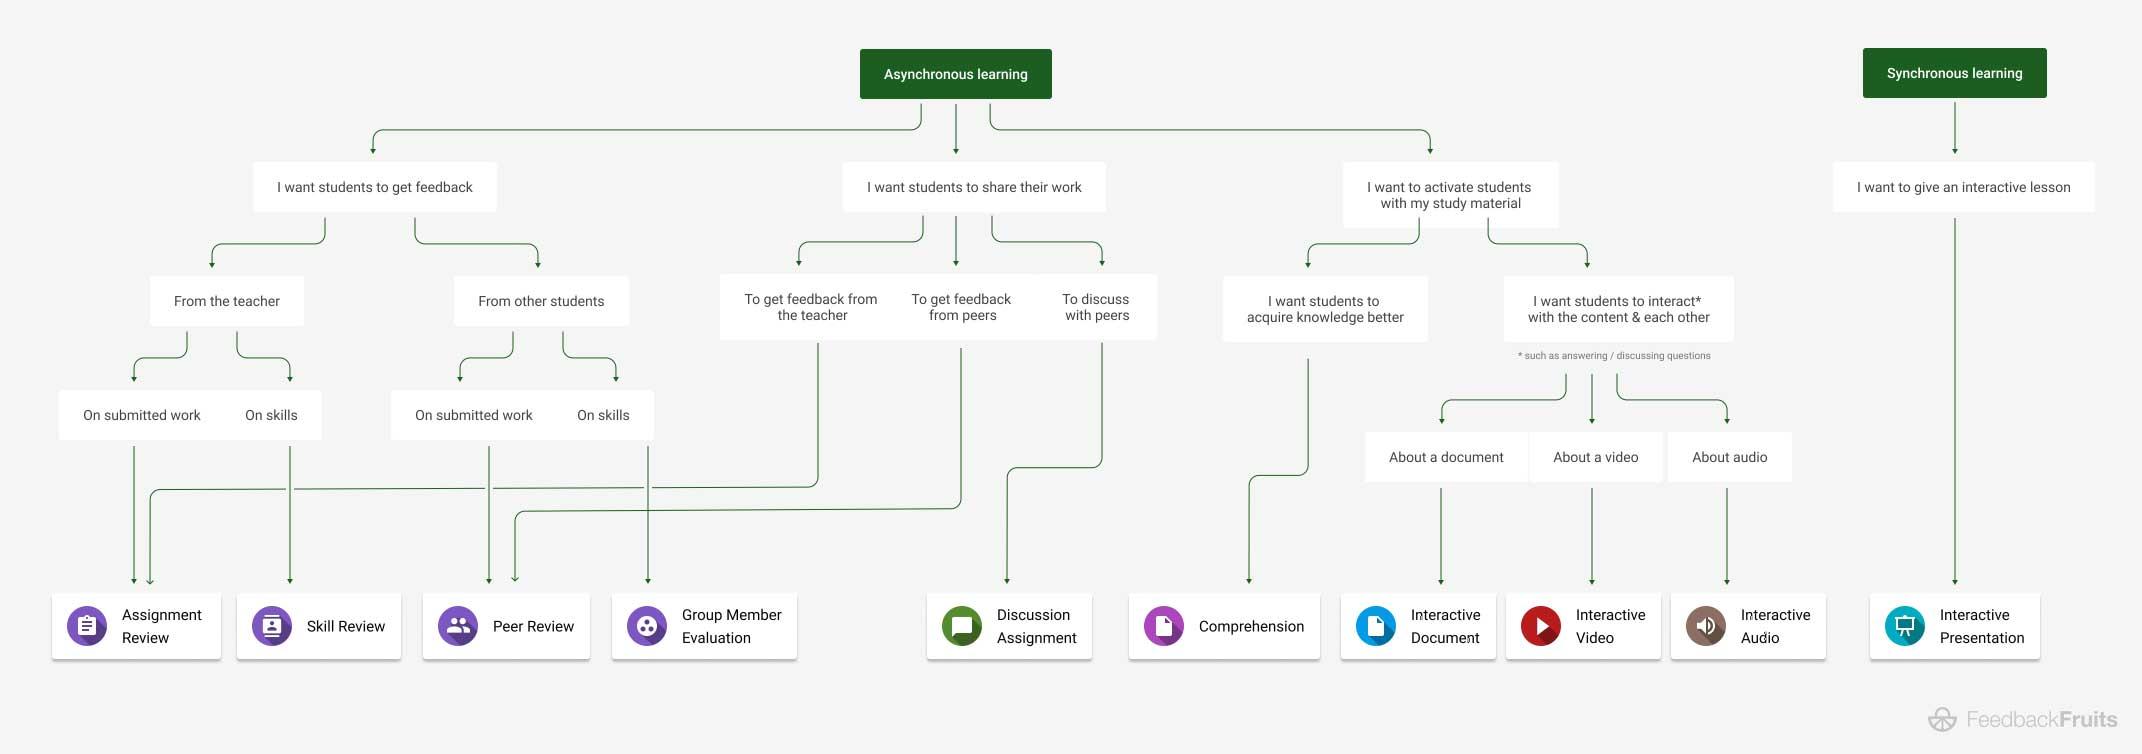 FeedbackFruits decision tree